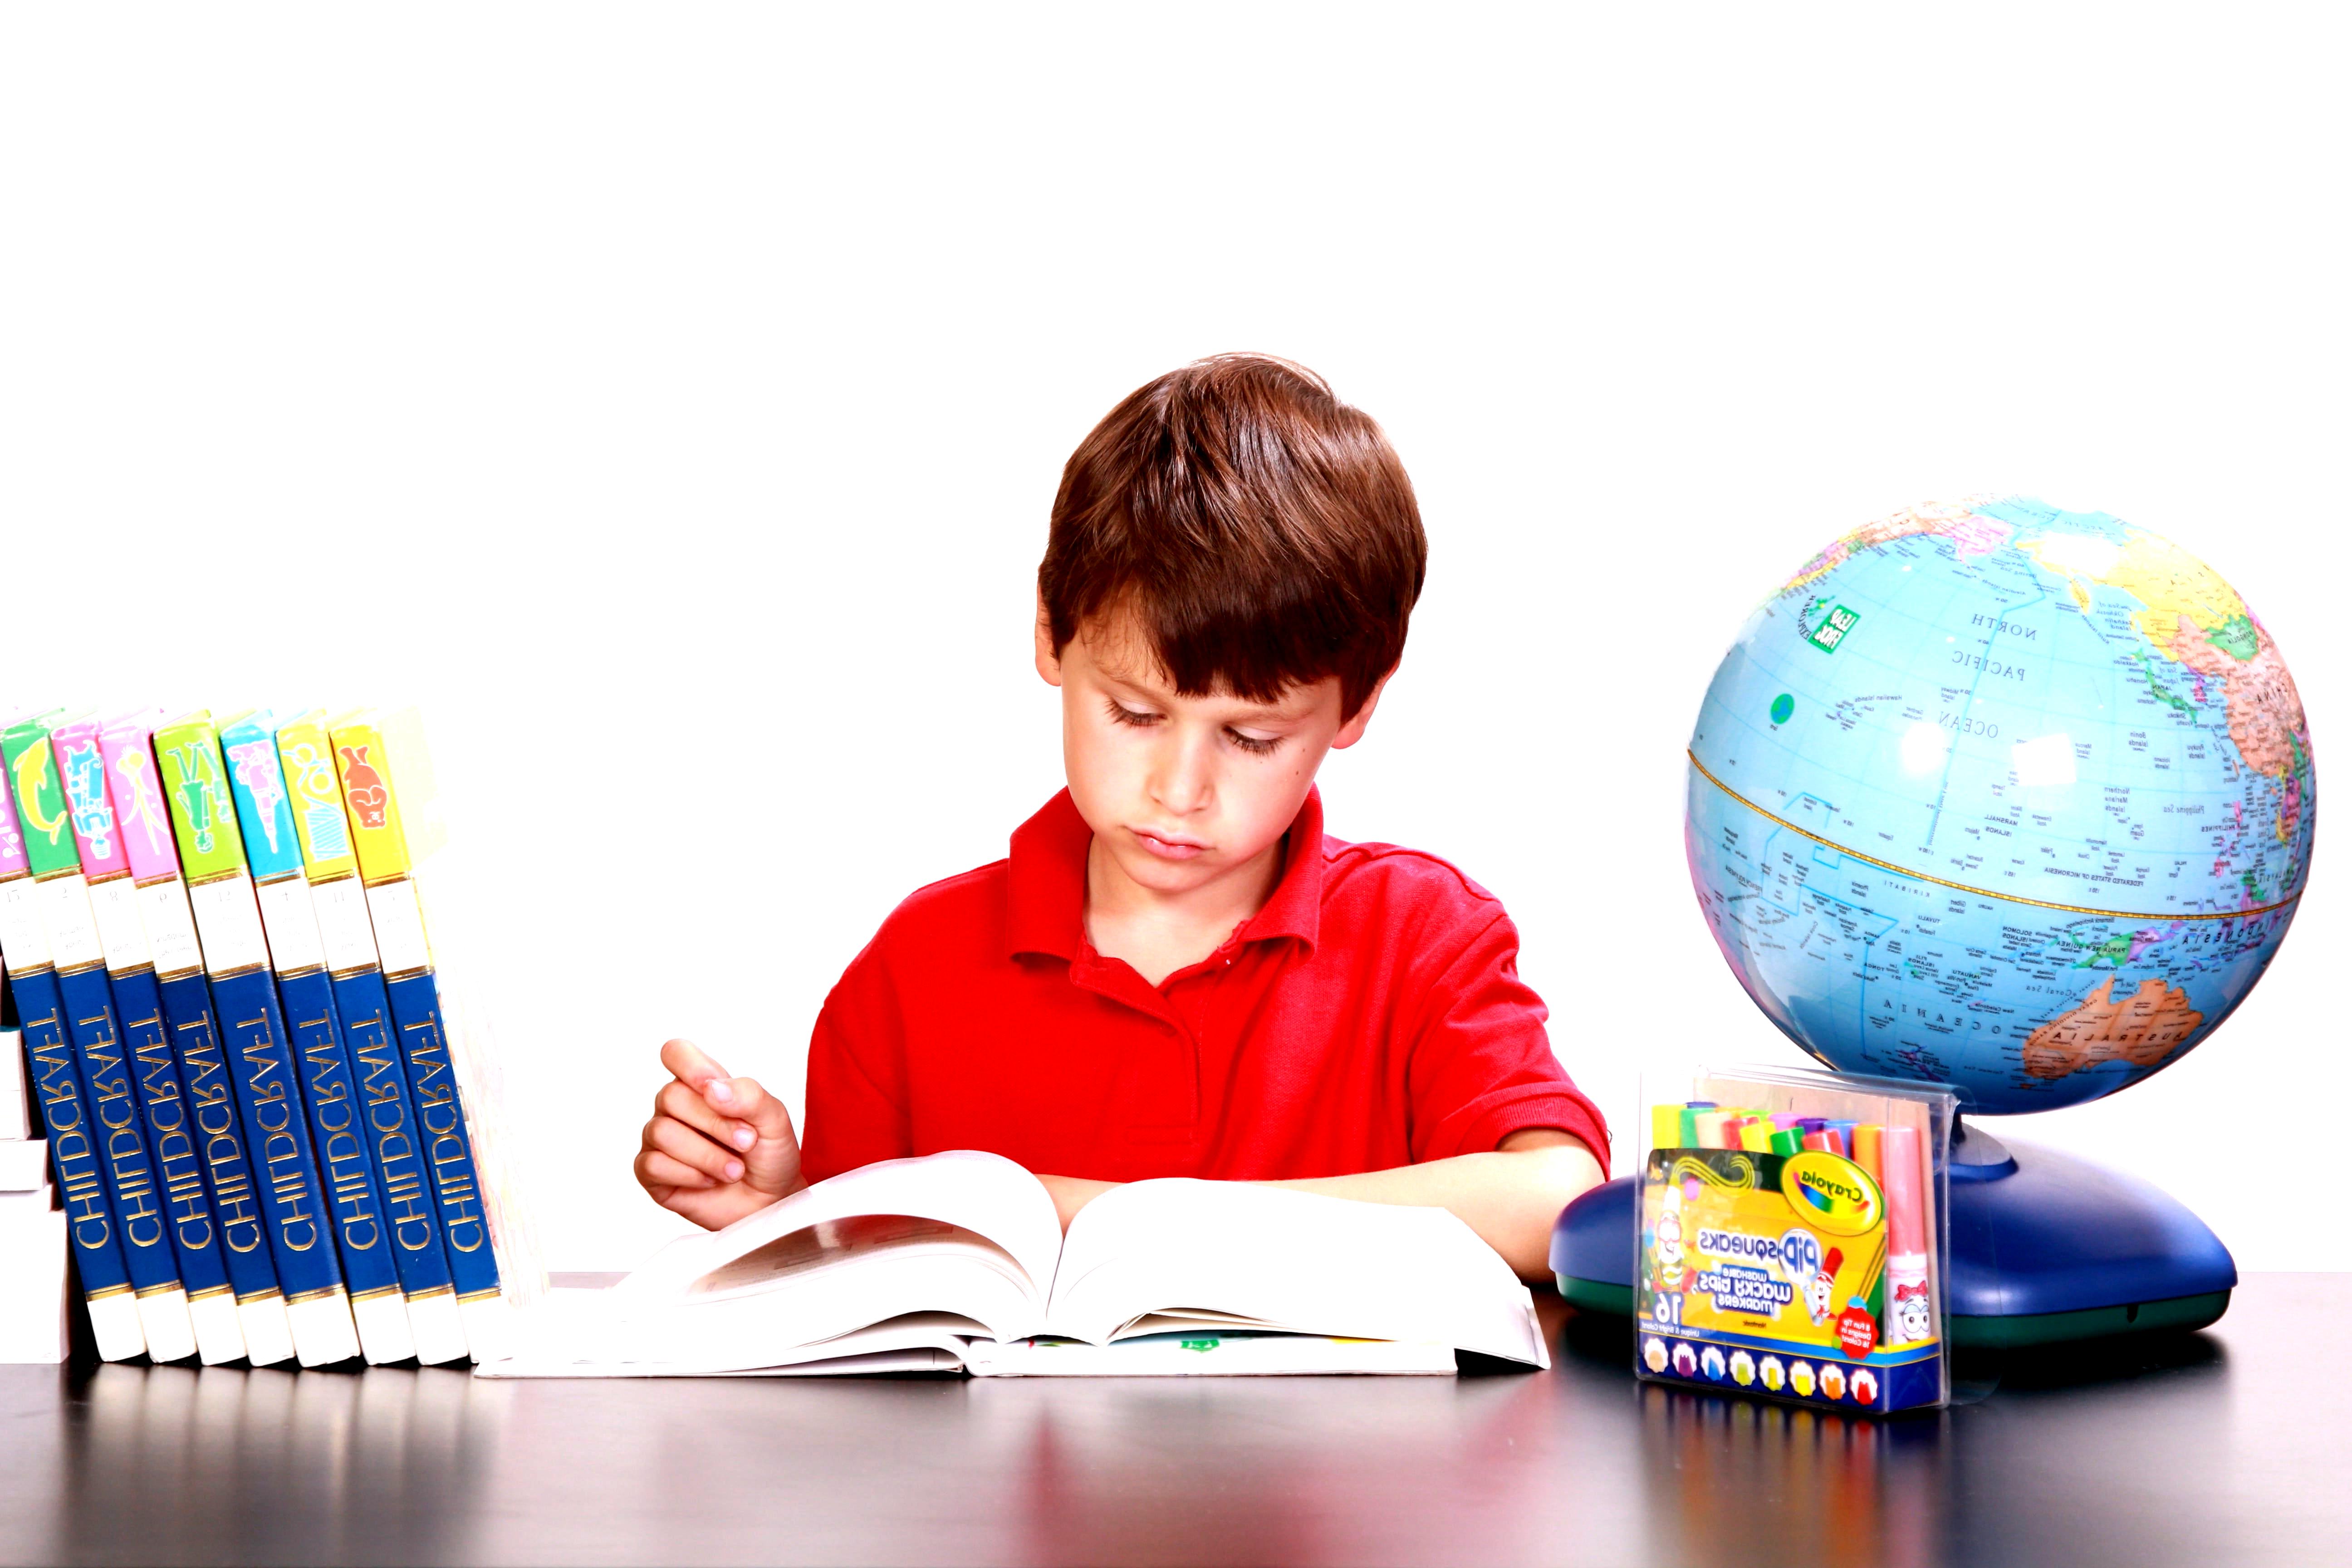 garçon vêtu d'un polo rouge lisant un livre # garçon # lecture # étude # livres #enfant …